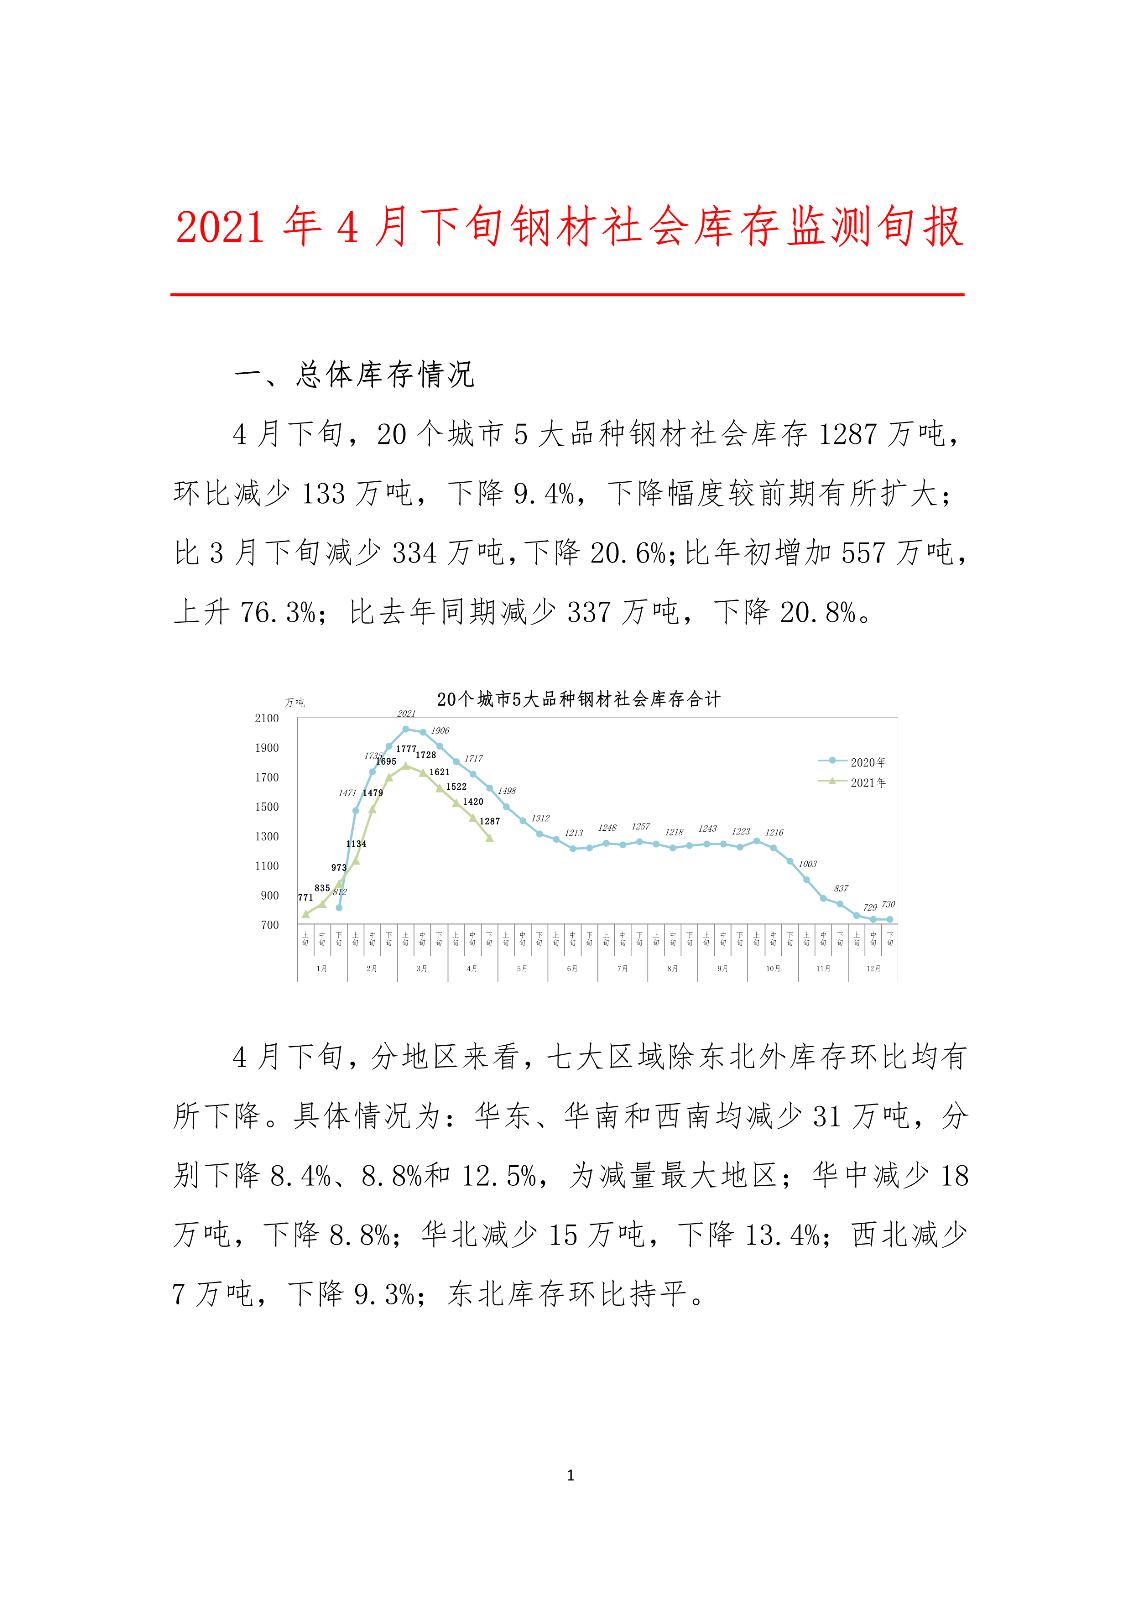 中钢协:2021年4月下旬钢材社会库存监测旬报